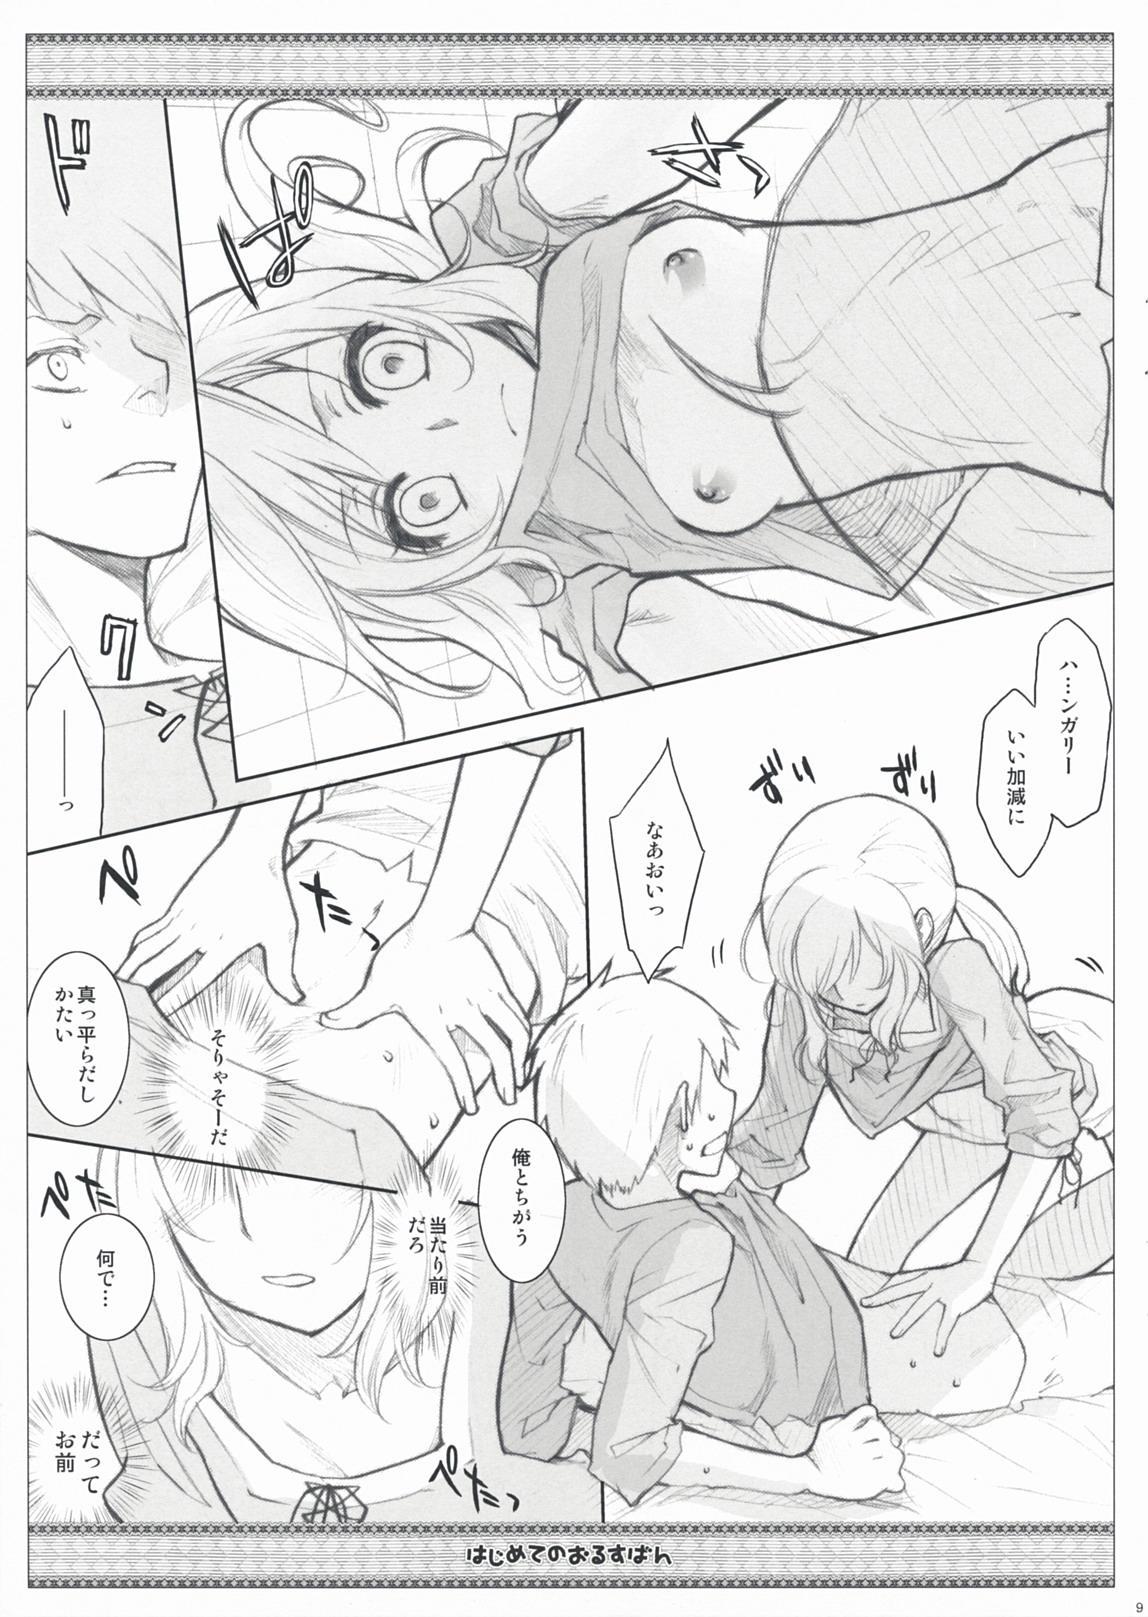 Hajimete no Orosuban 8